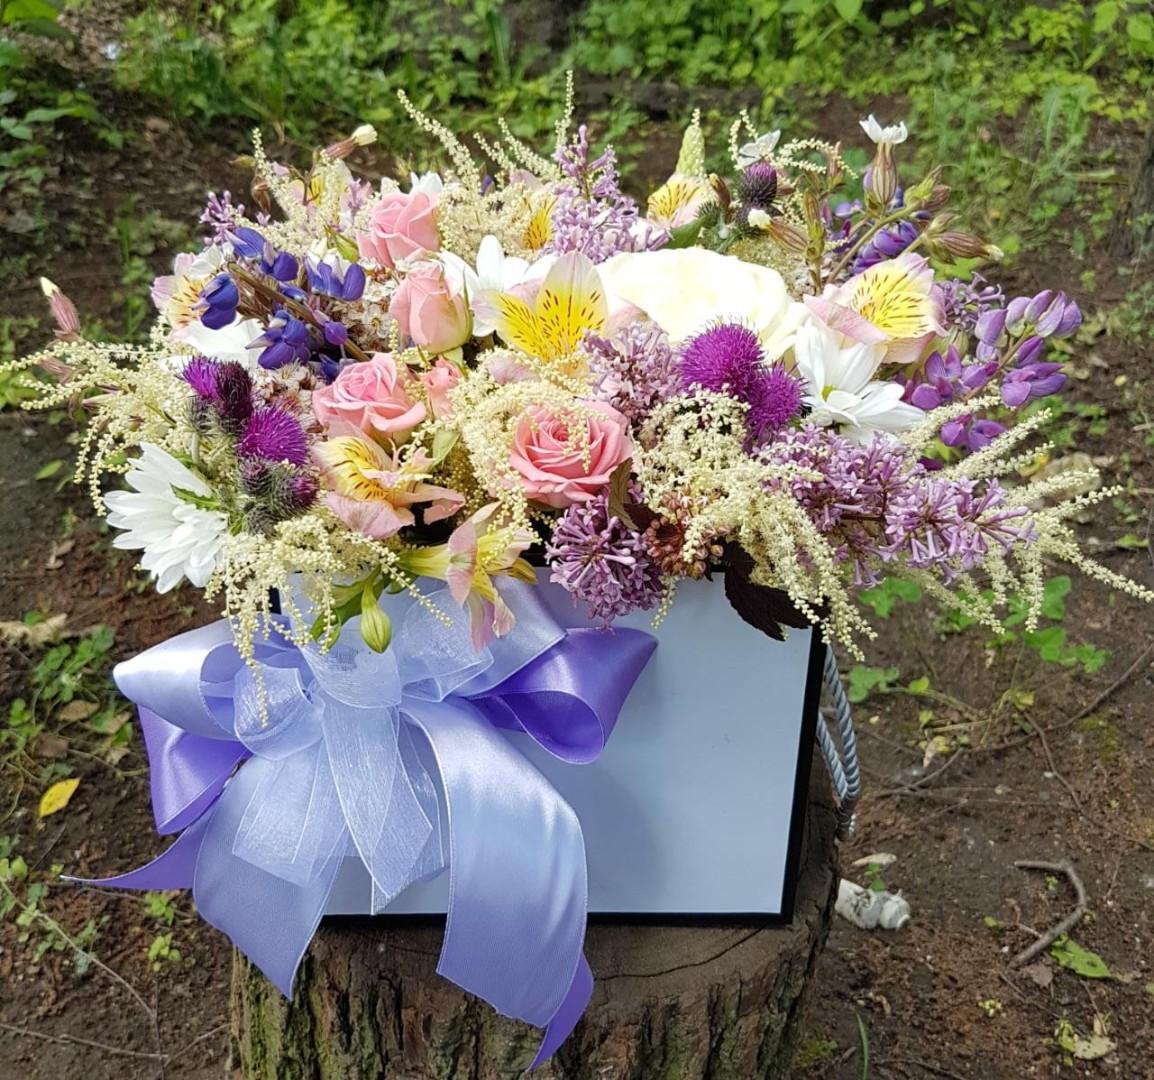 Купить букет в королеве, букет какой цветок